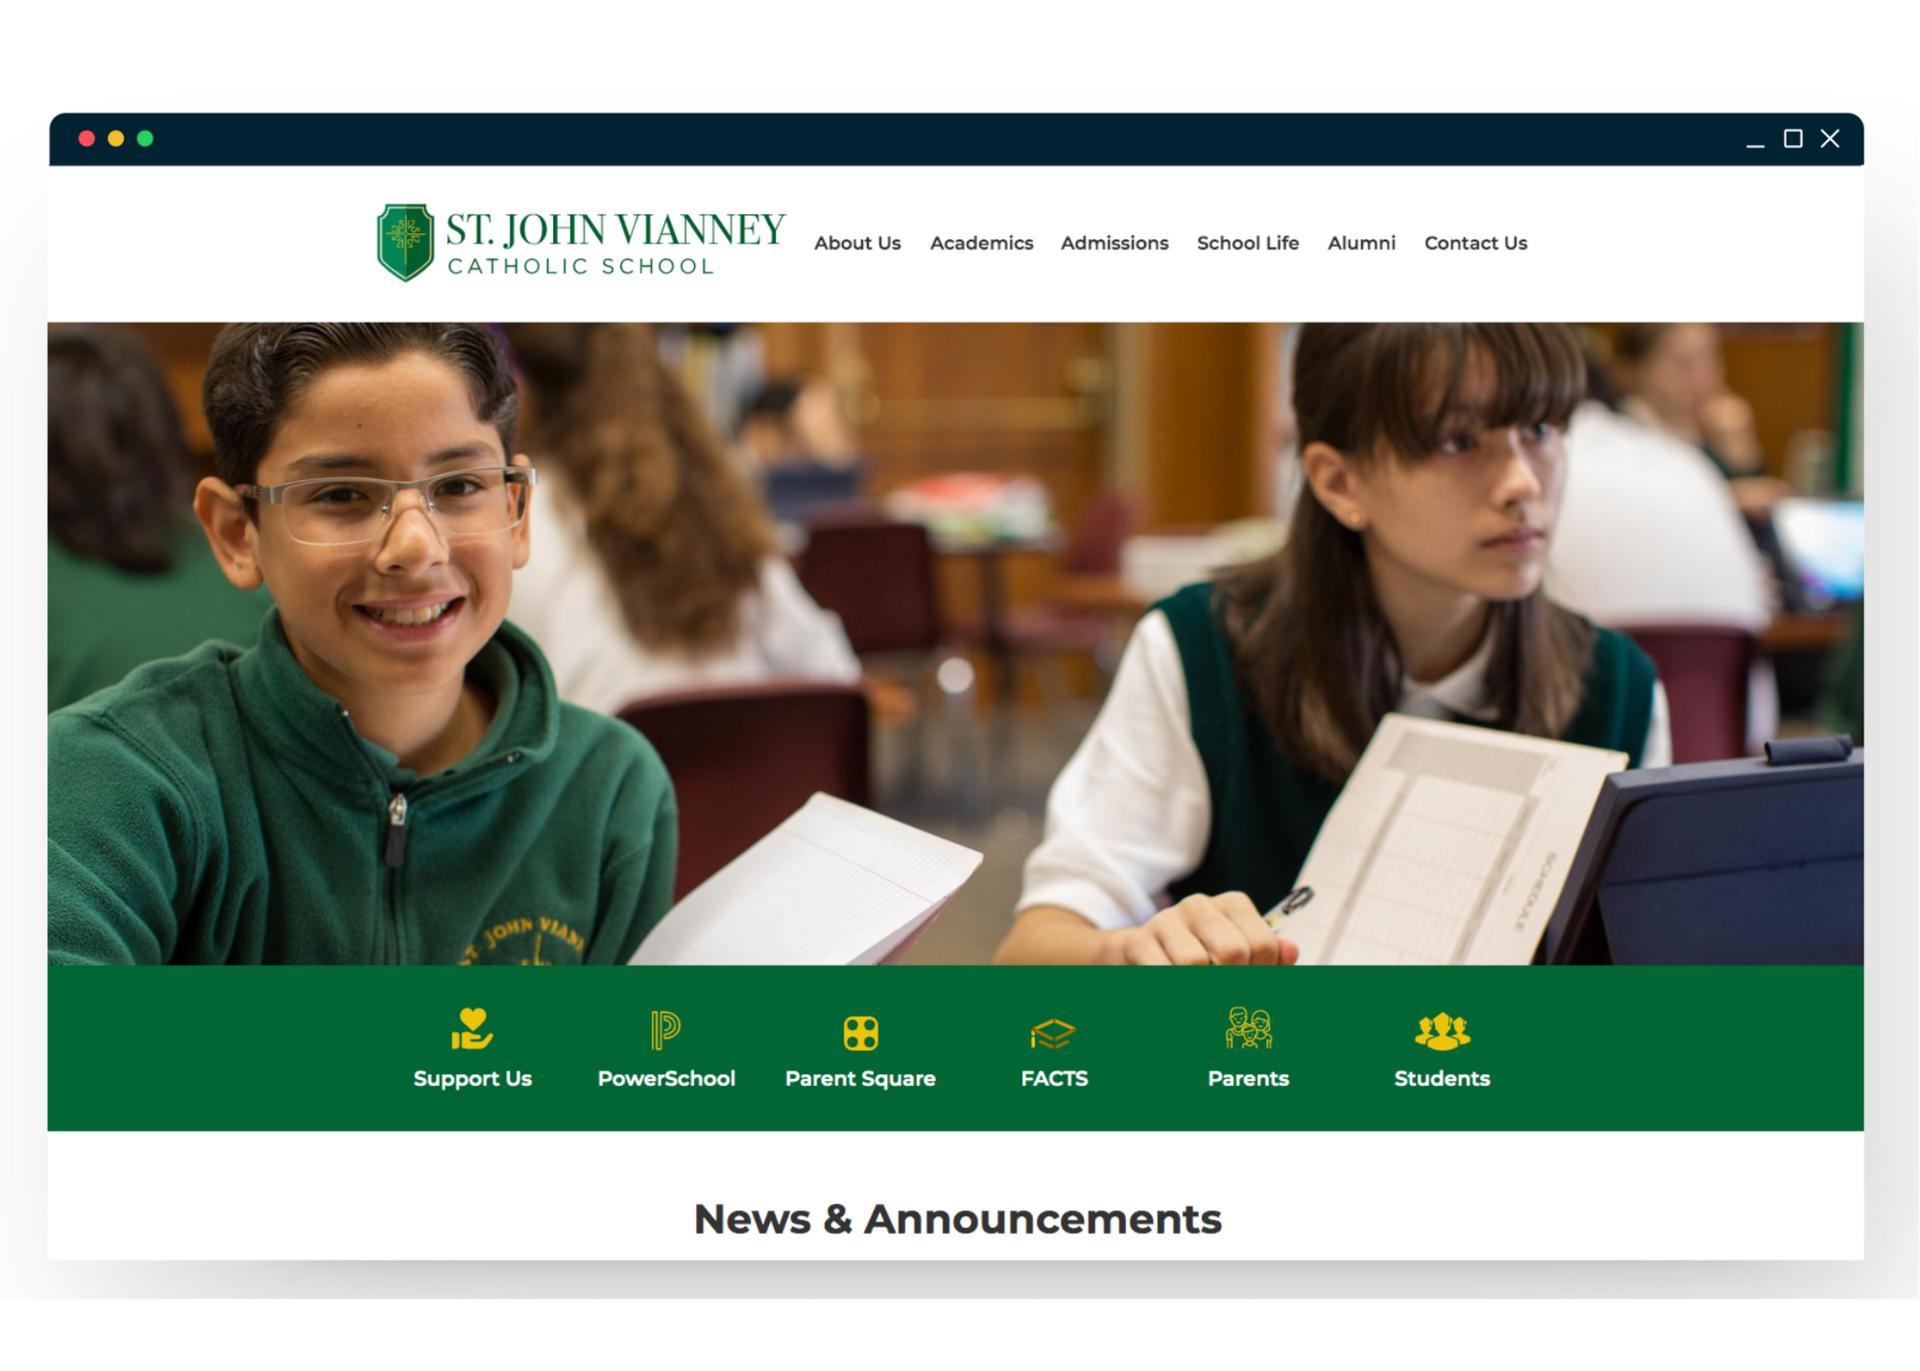 St. John Vianney Homepage